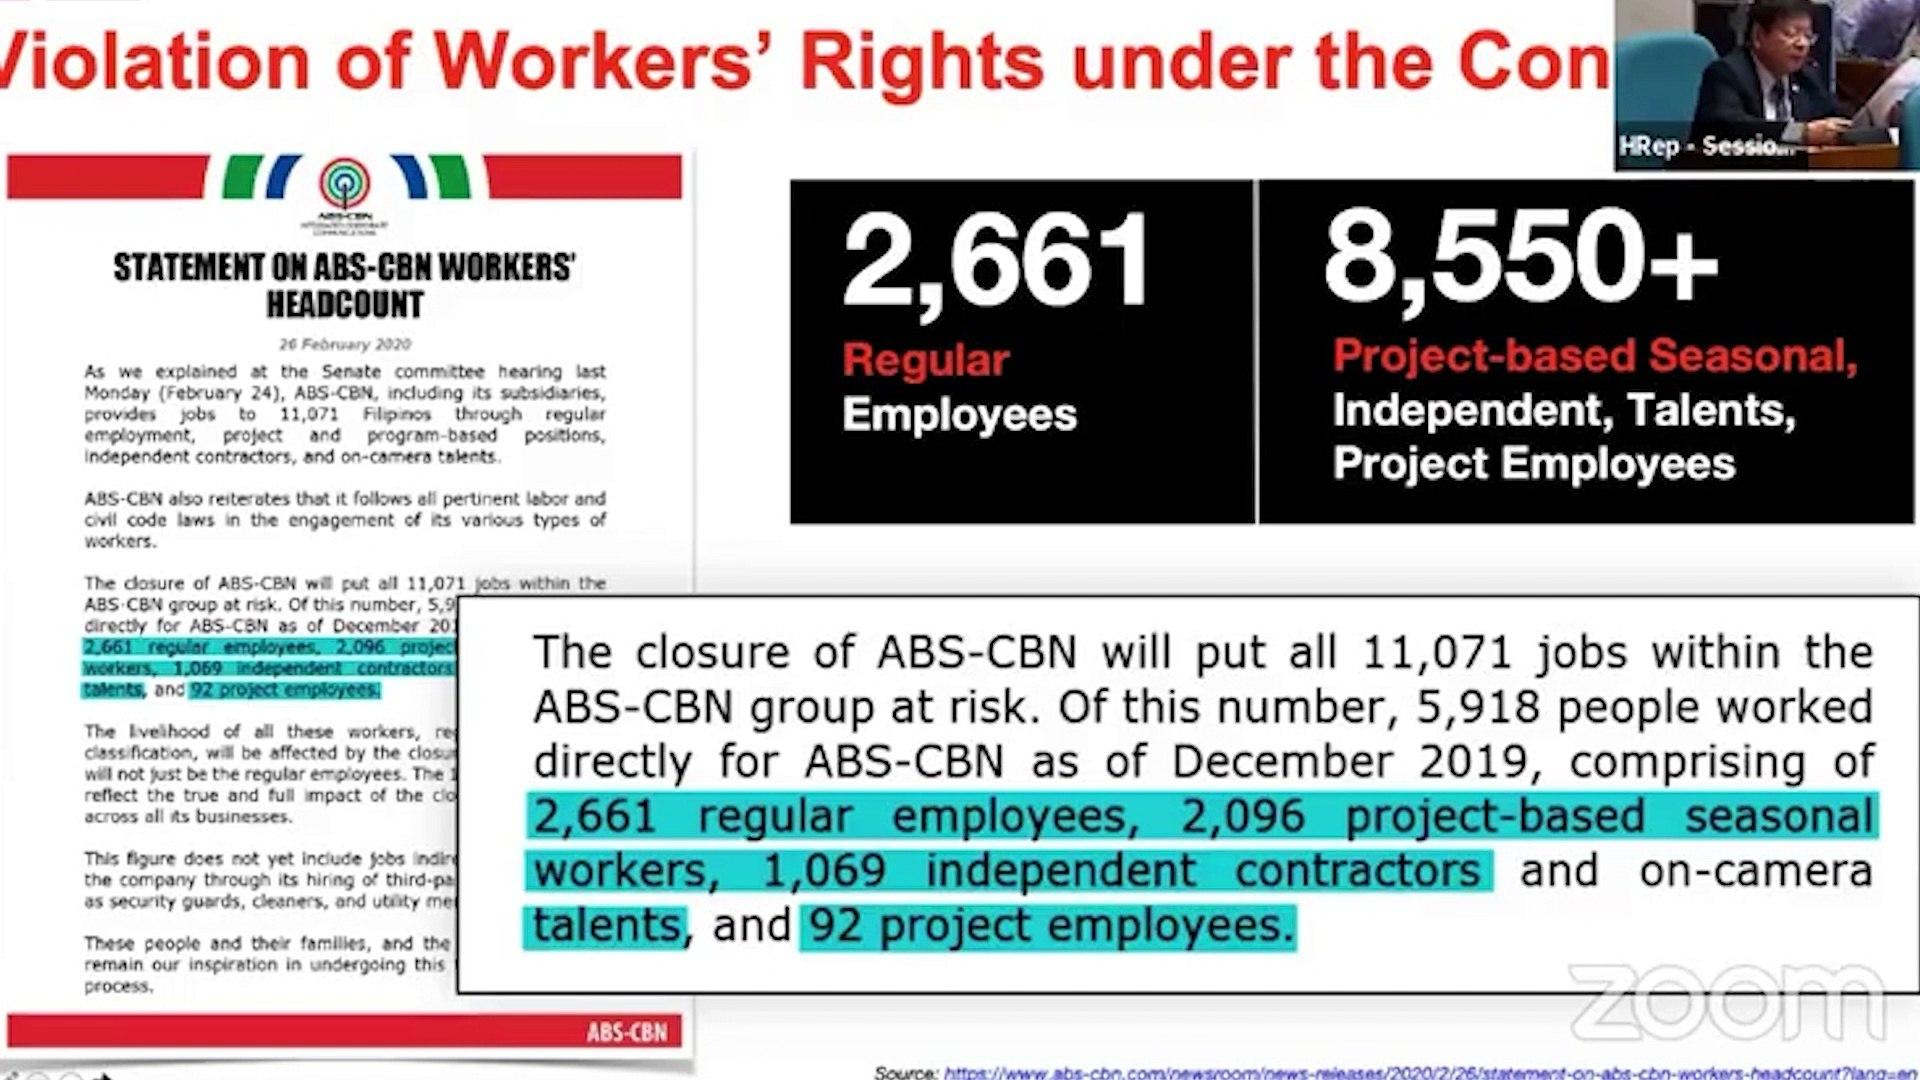 Mga Violations ng ABS-CBN ayon kay Deputy Speaker Hon. Rodante Marcoleta